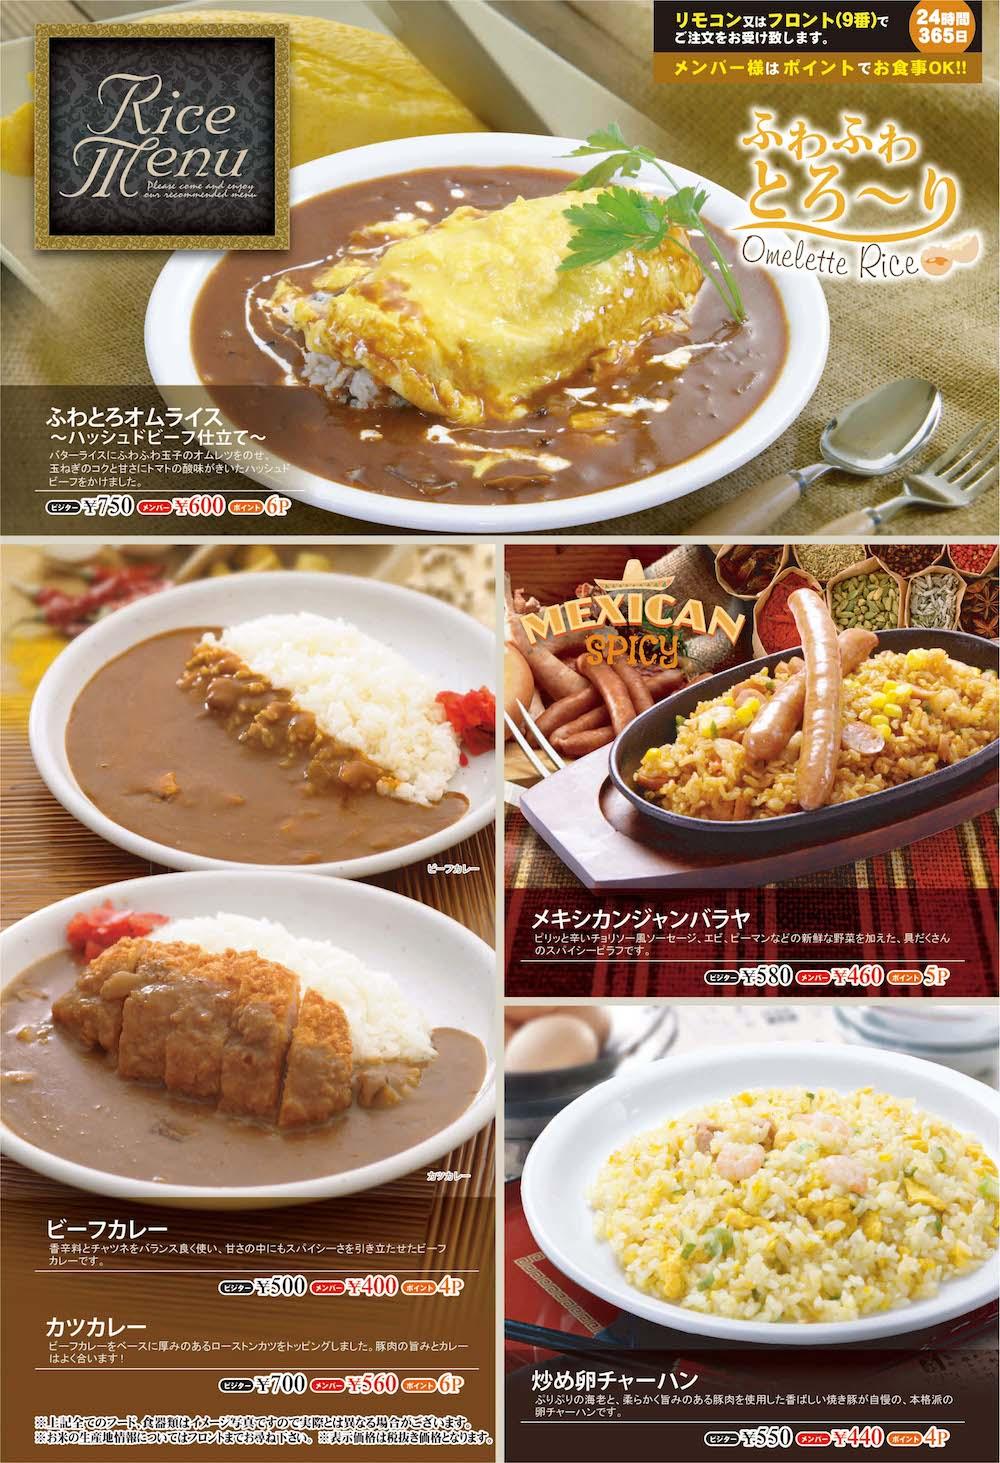 Rice Menu